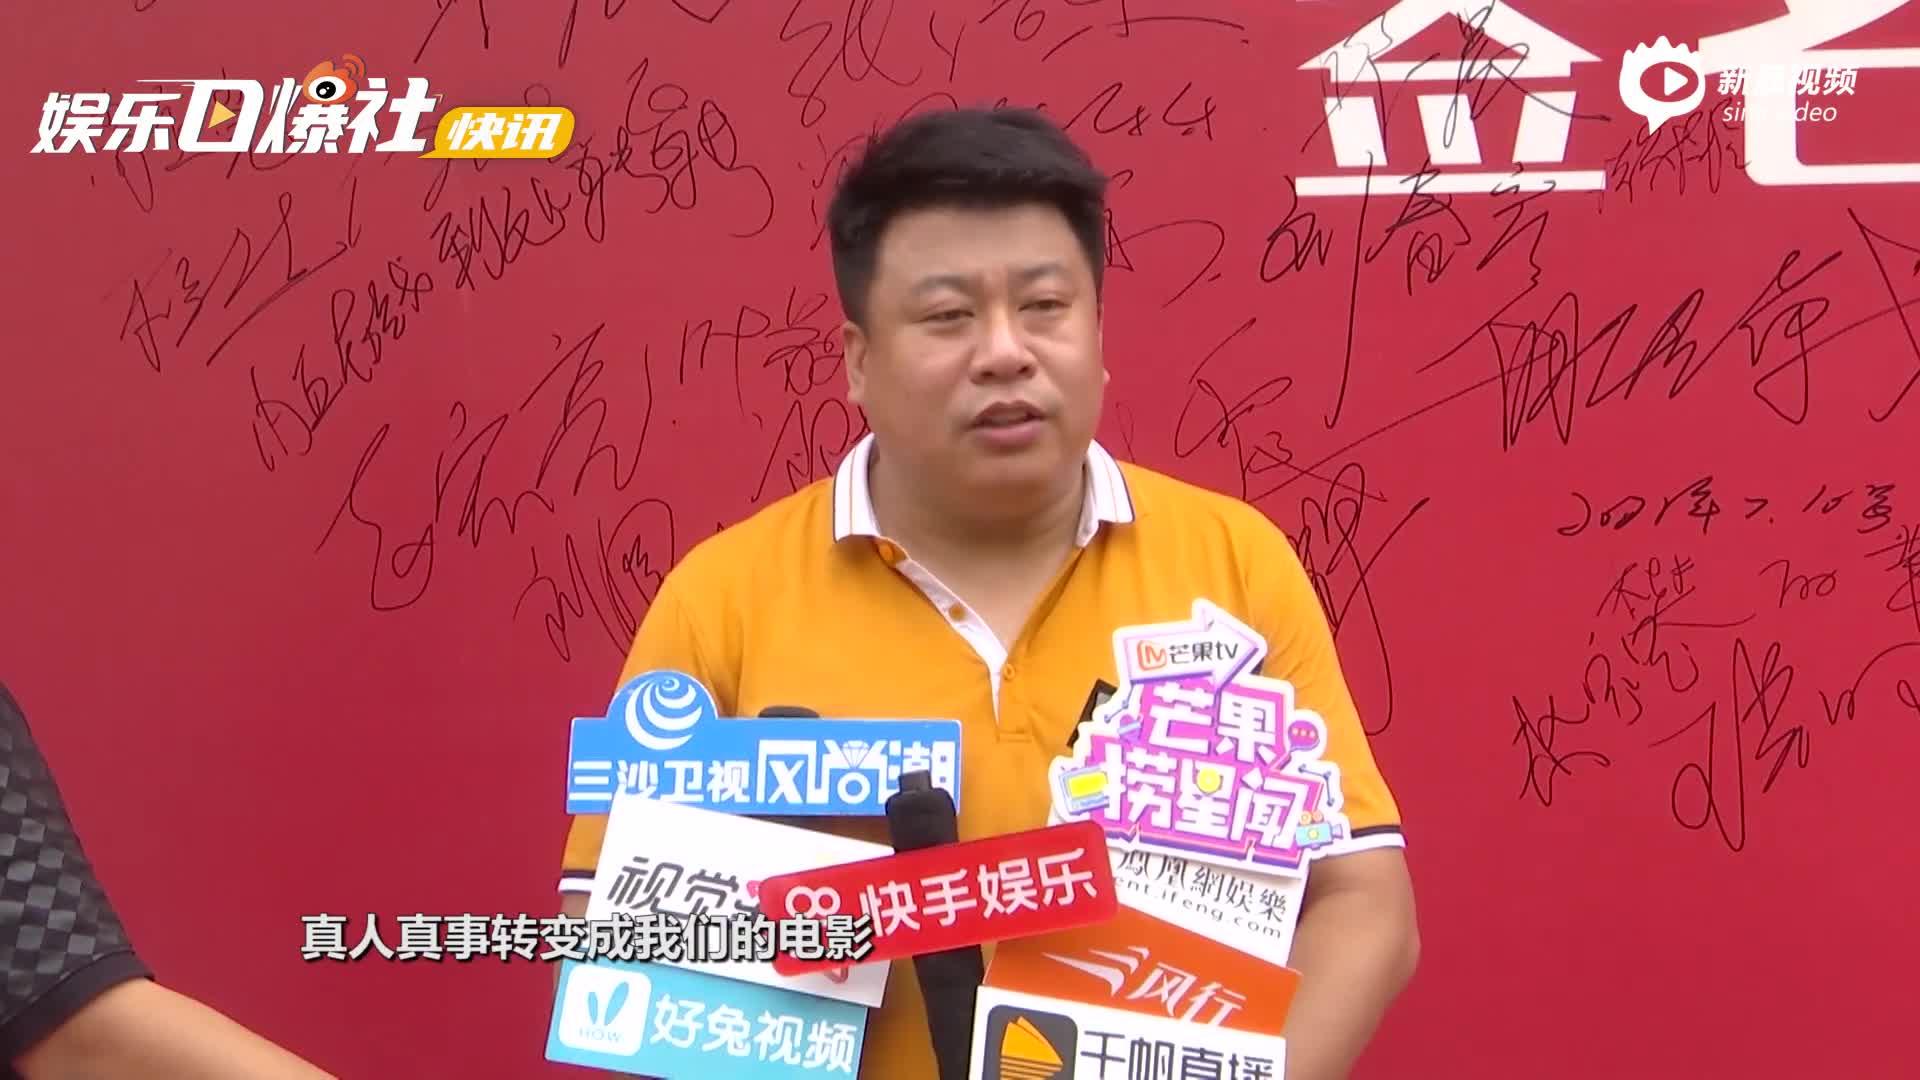 电影《红绫罗》启动立足公益 王思懿迟志强等加盟